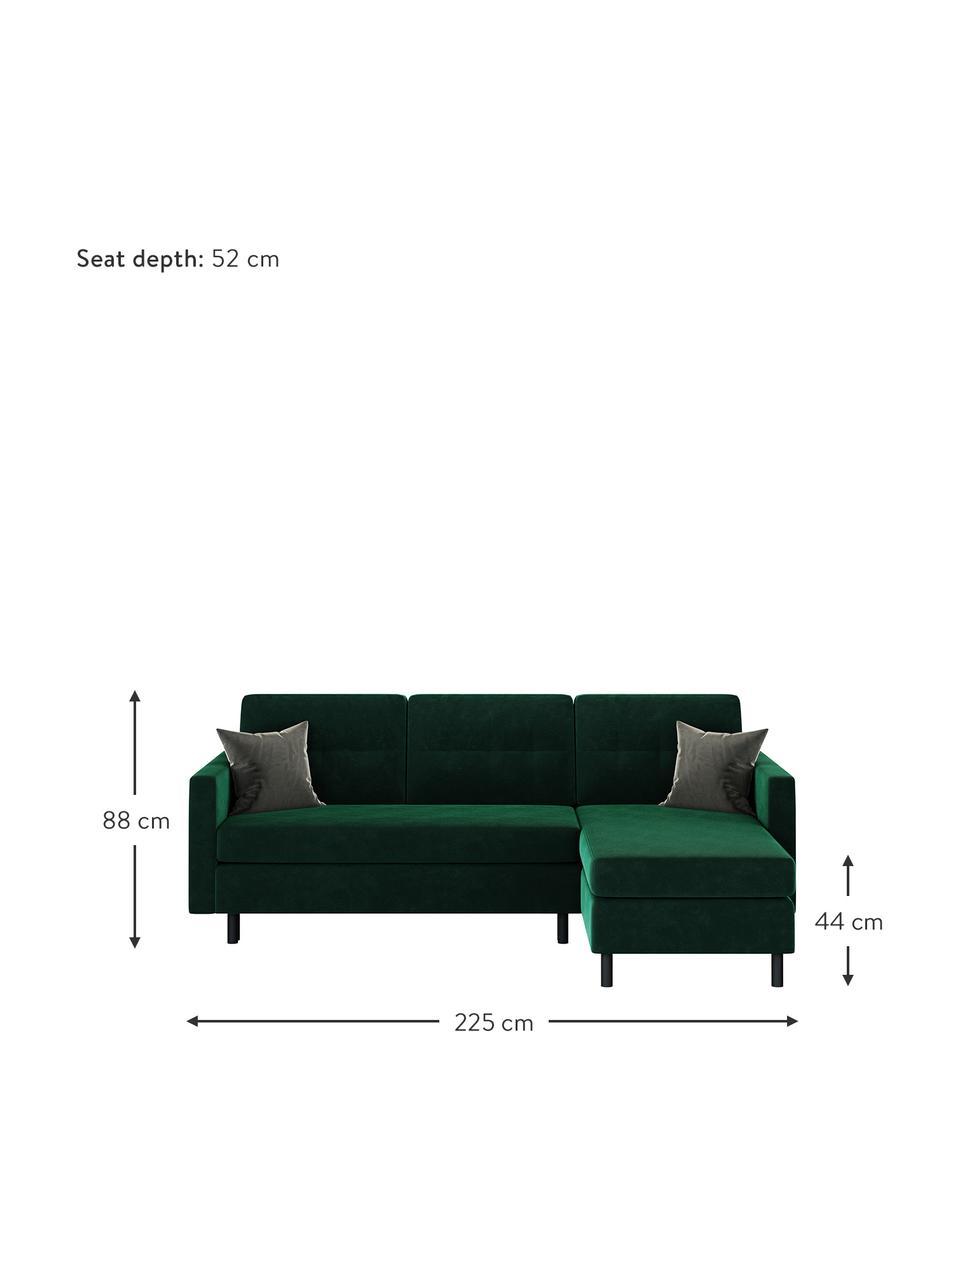 Sofa narożna z aksamitu z funkcją spania i miejscem do przechowywania Rudy, Tapicerka: 100% aksamit poliestrowy, Stelaż: drewno liściaste, drewno , Nogi: drewno lakierowane Dzięki, Ciemny zielony, S 225 x G 165 cm